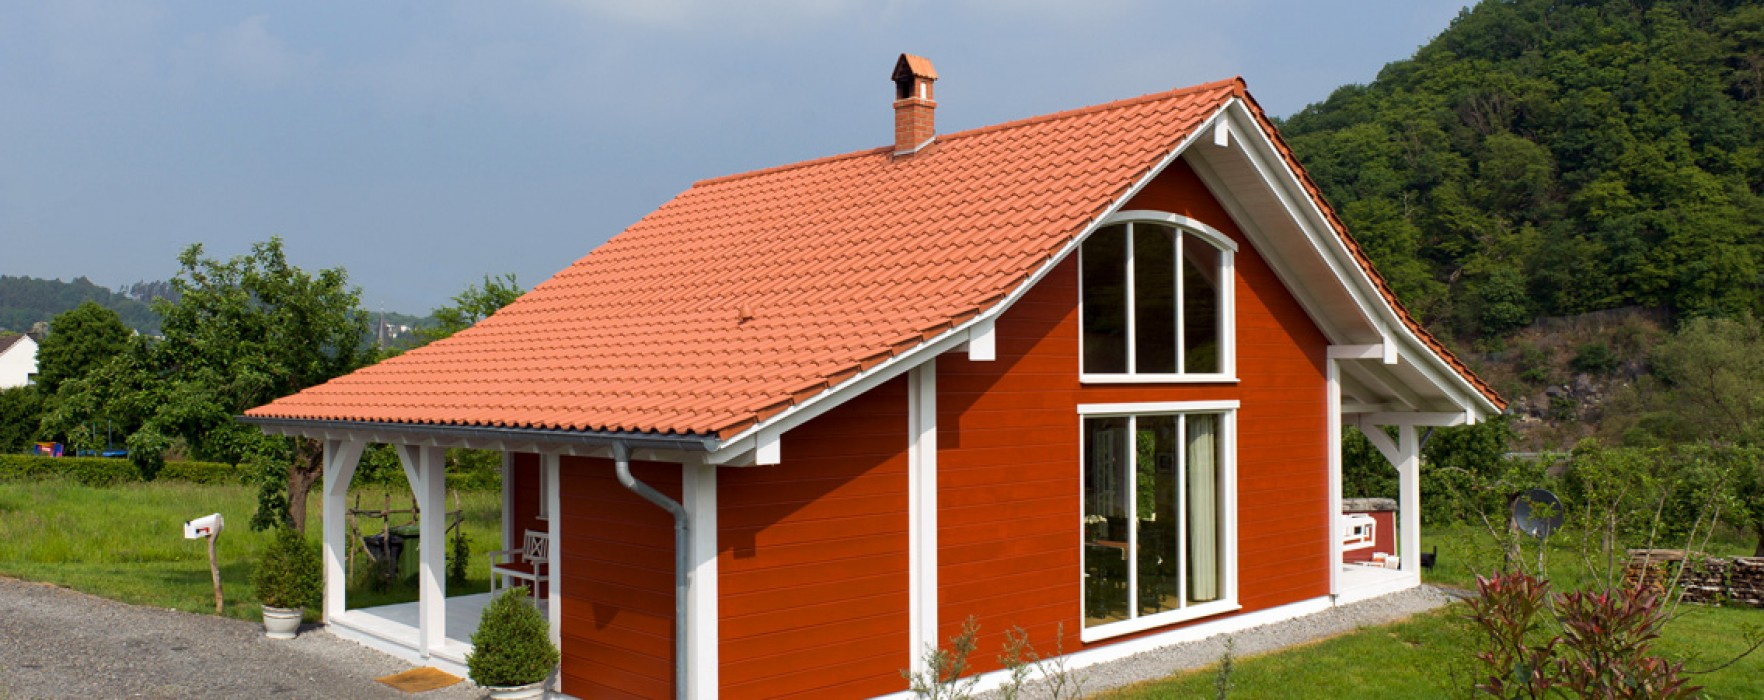 I costi di una piccola casa in legno for Costi dell appaltatore per la costruzione di una casa